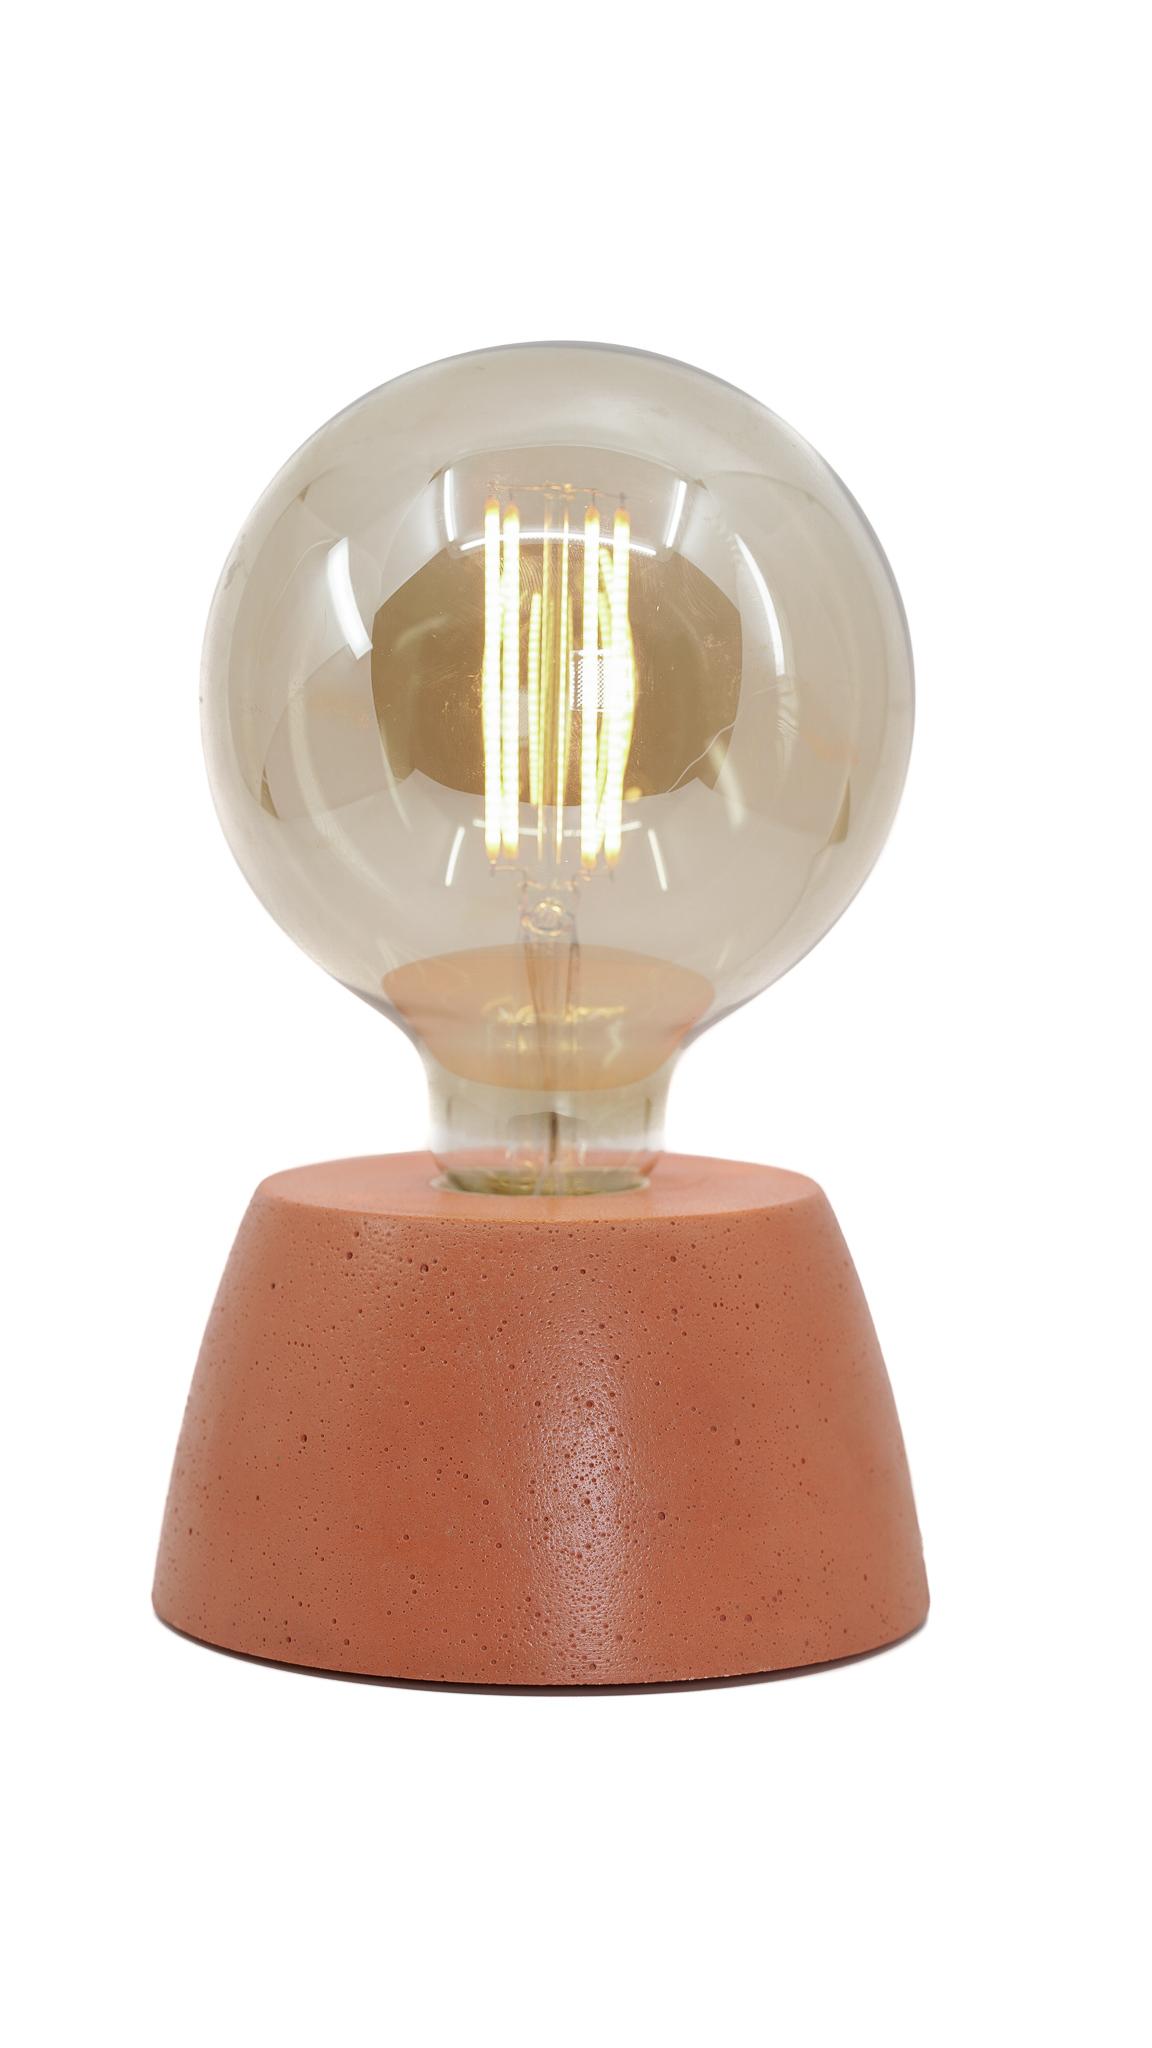 Lampe dôme en béton orange fabrication artisanale